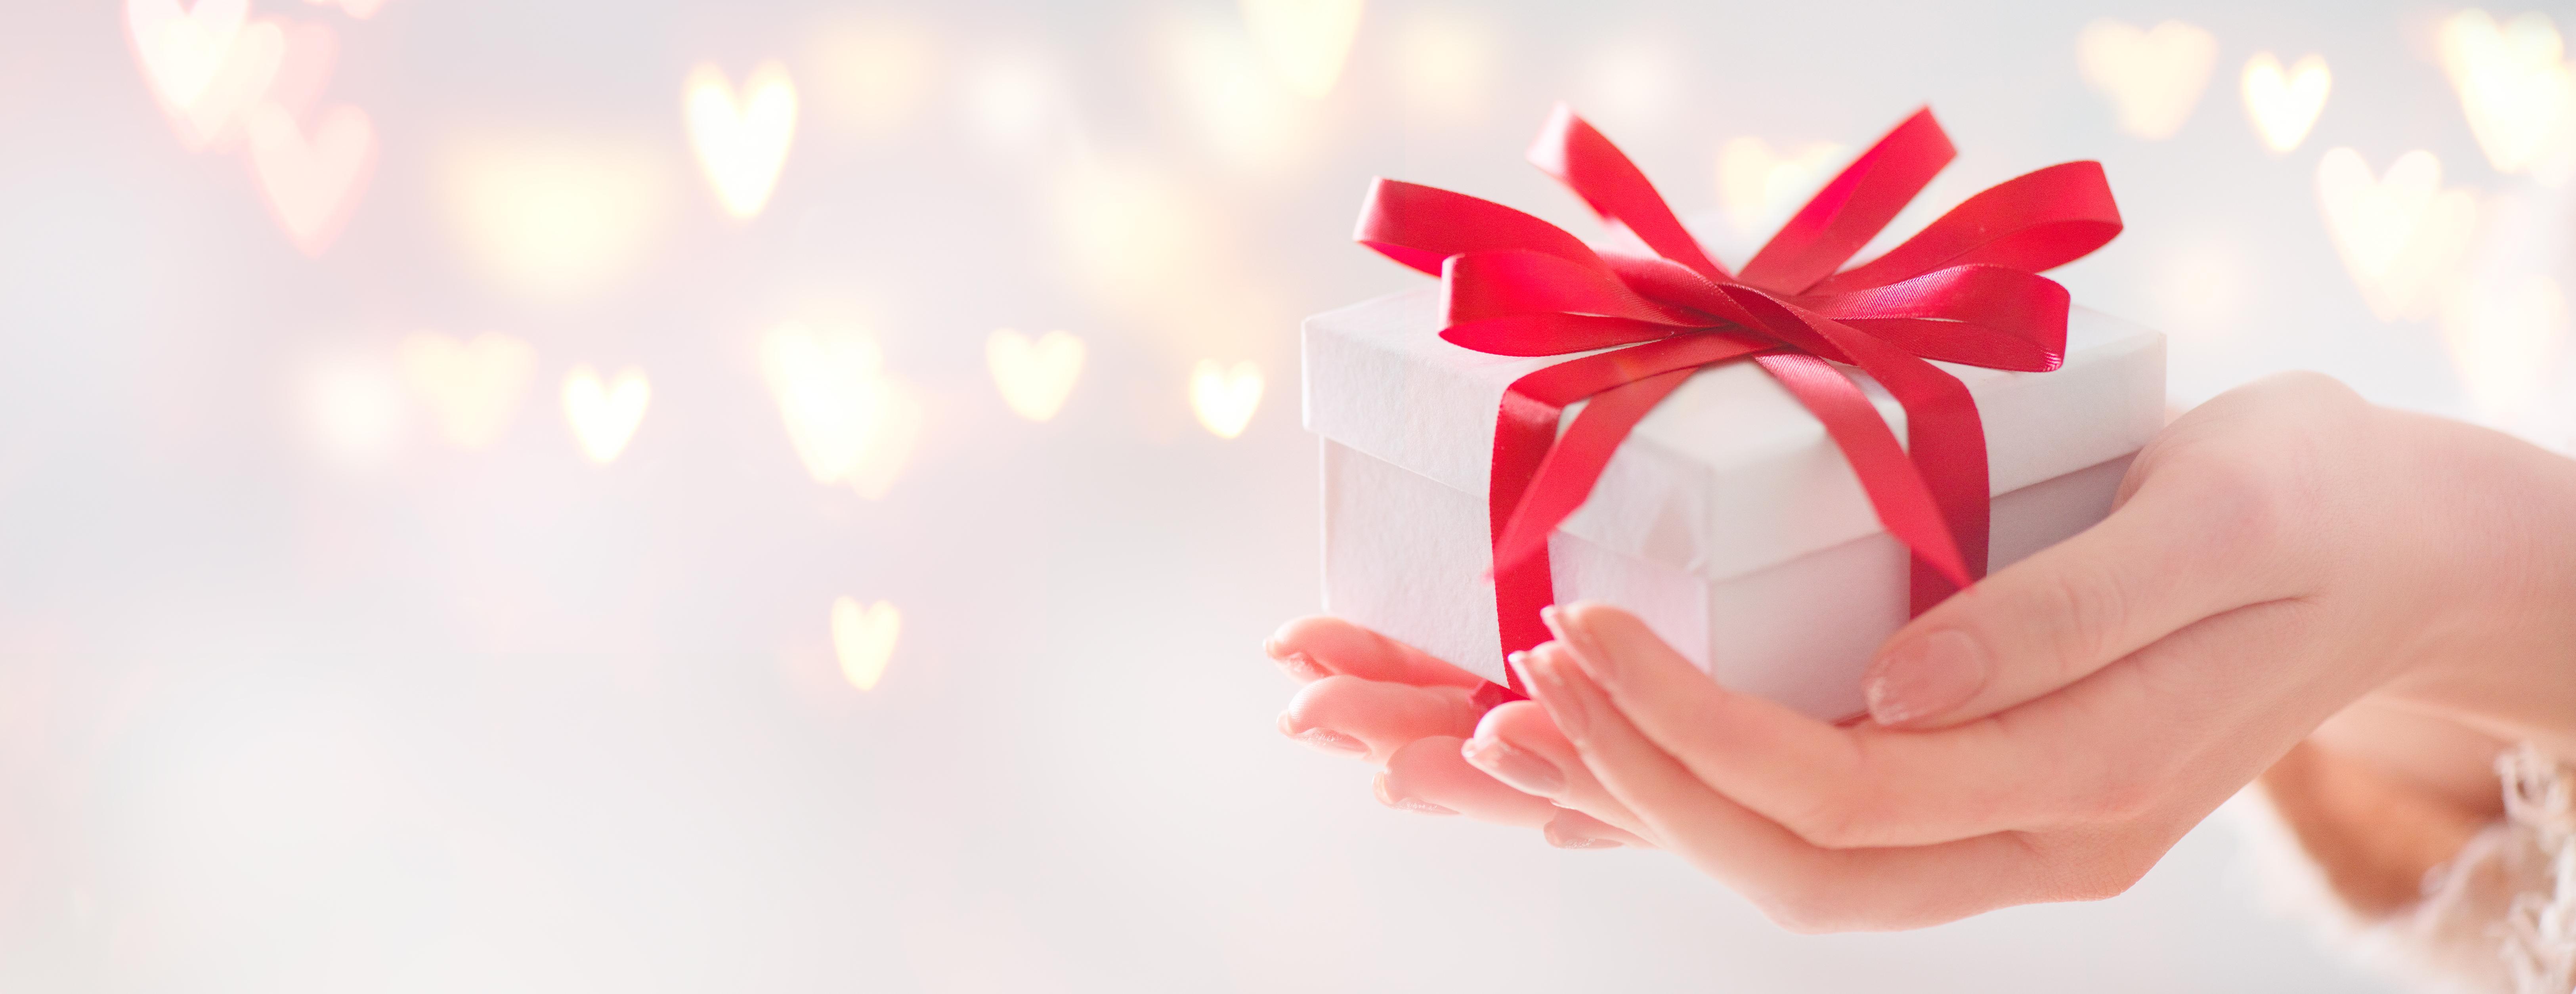 Ce fel de cadouri să faci de Crăciun, fără să dai prea mulți bani. Iată pe ce poți cheltui mai puțin